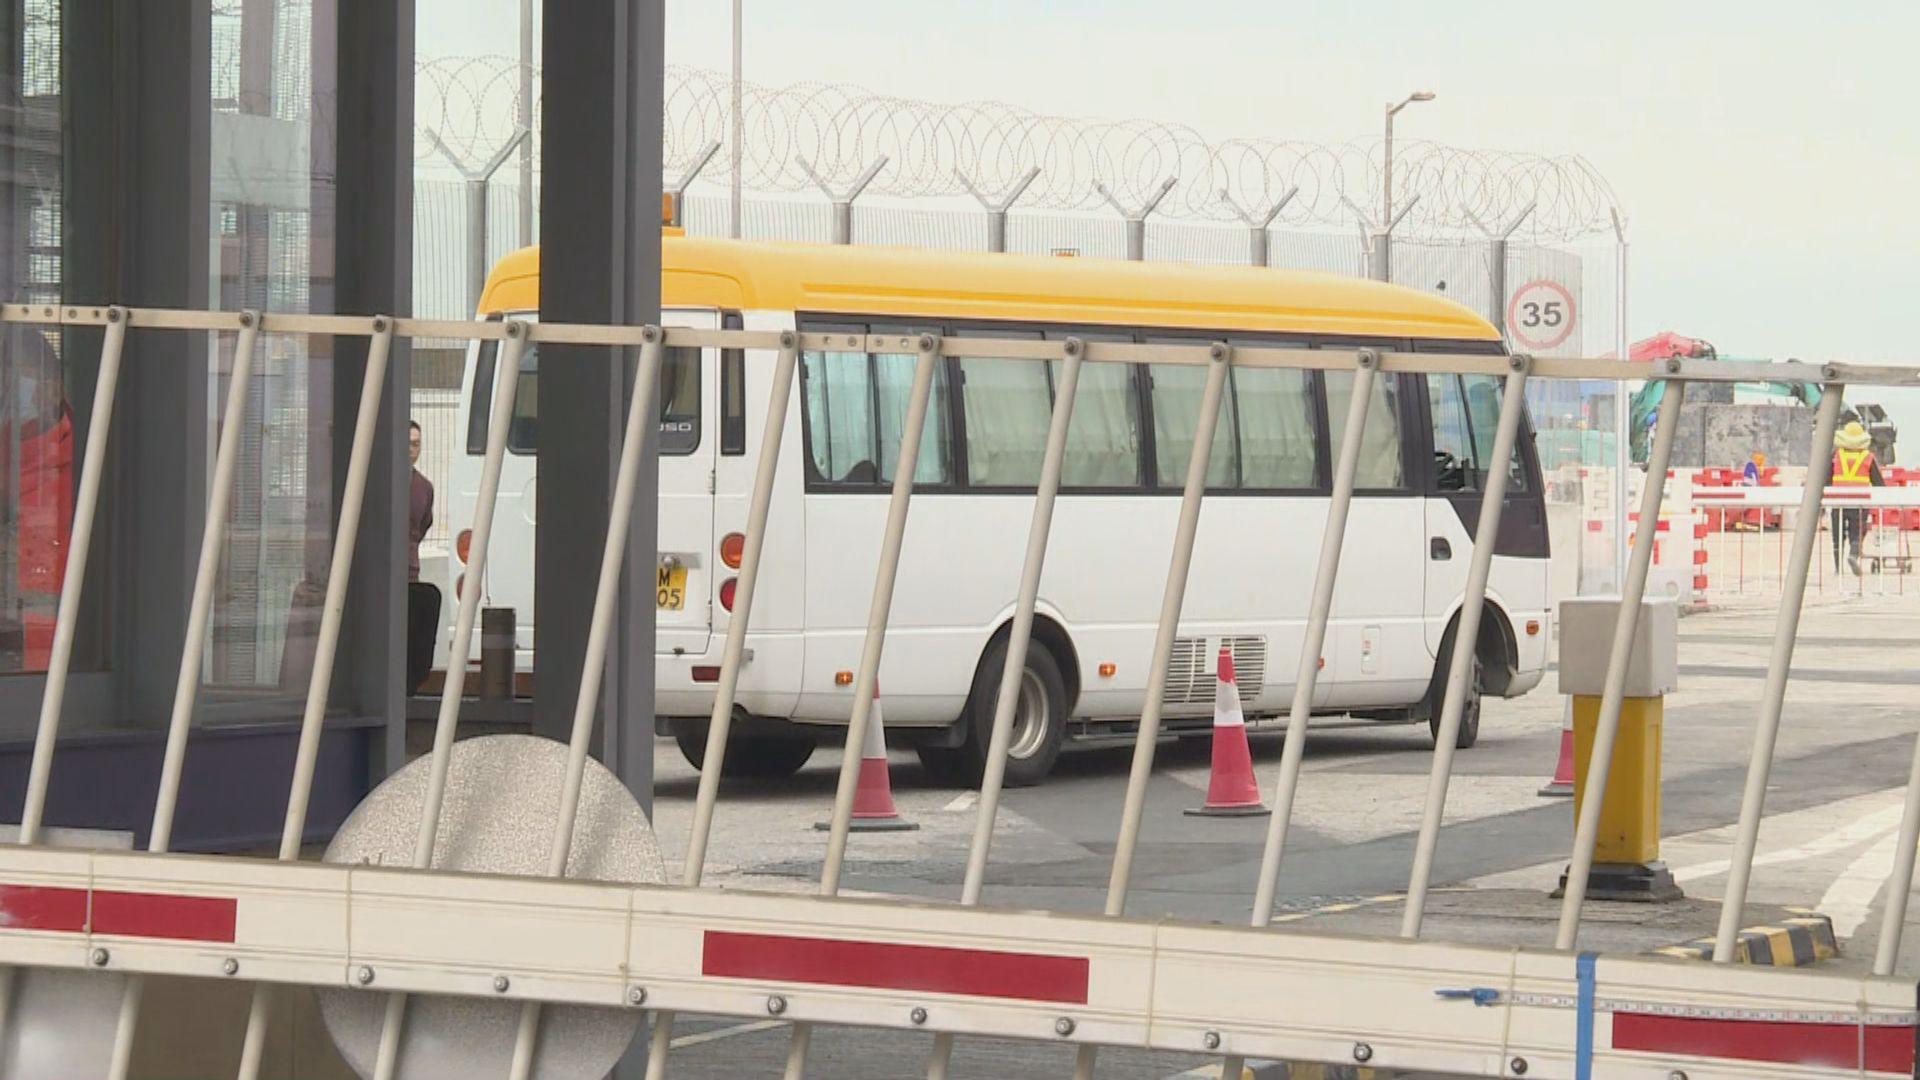 季炳雄出獄被遞解出境前往美國 警方派出飛虎隊護送